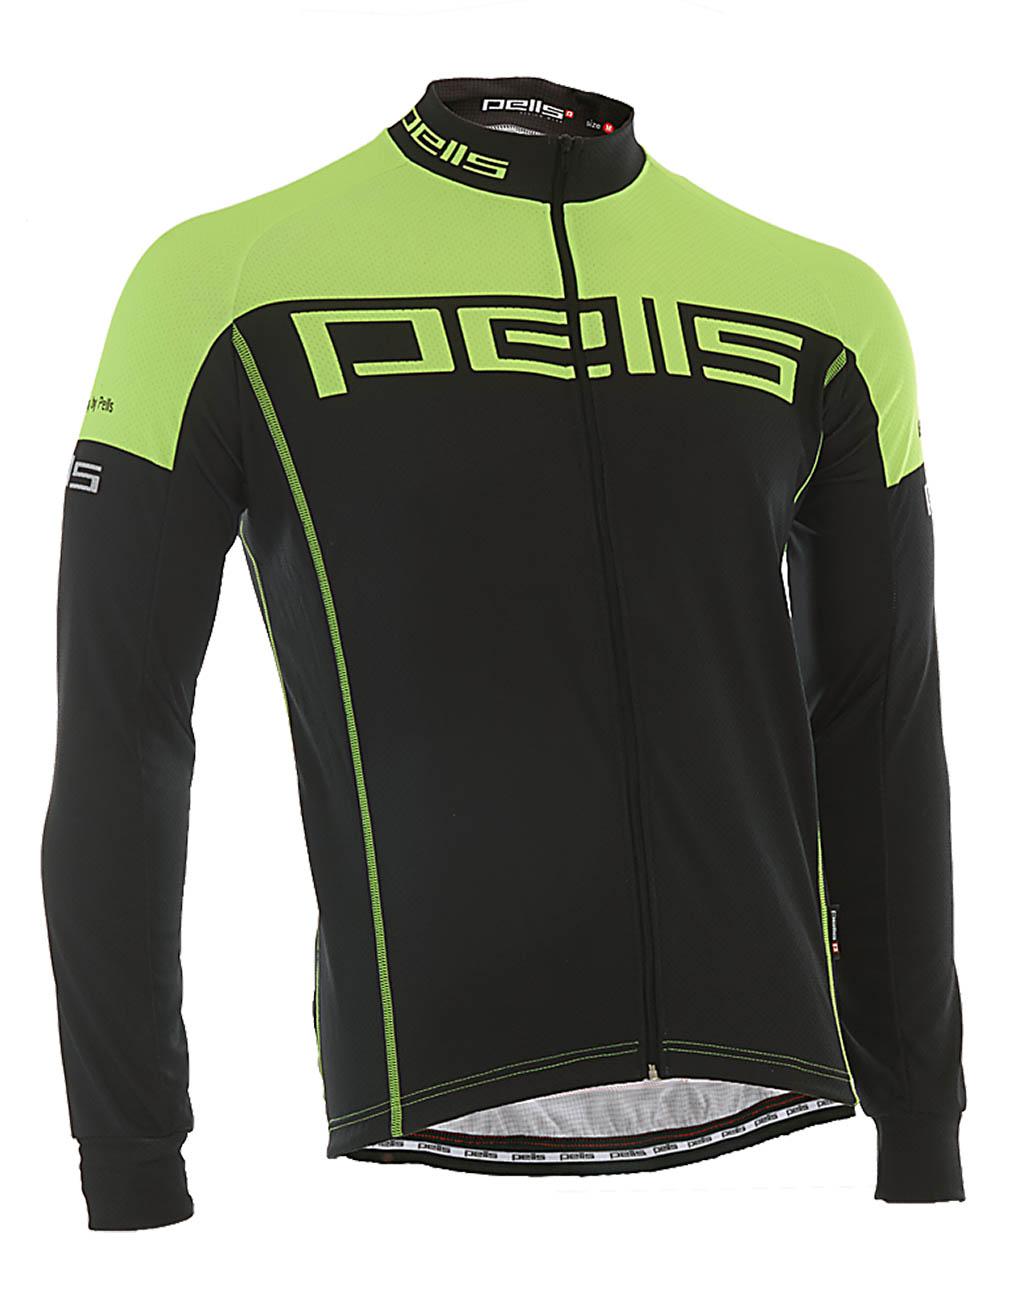 Pánský dres PELL'S FLUO, vel. XL, žlutá, dlouhý rukáv - ZDARMA DOPRAVNÉ! (Pánský cyklistický dres PELL'S, vel. XL, dlouhý rukáv, barva žlutá dle vyobrazení!)